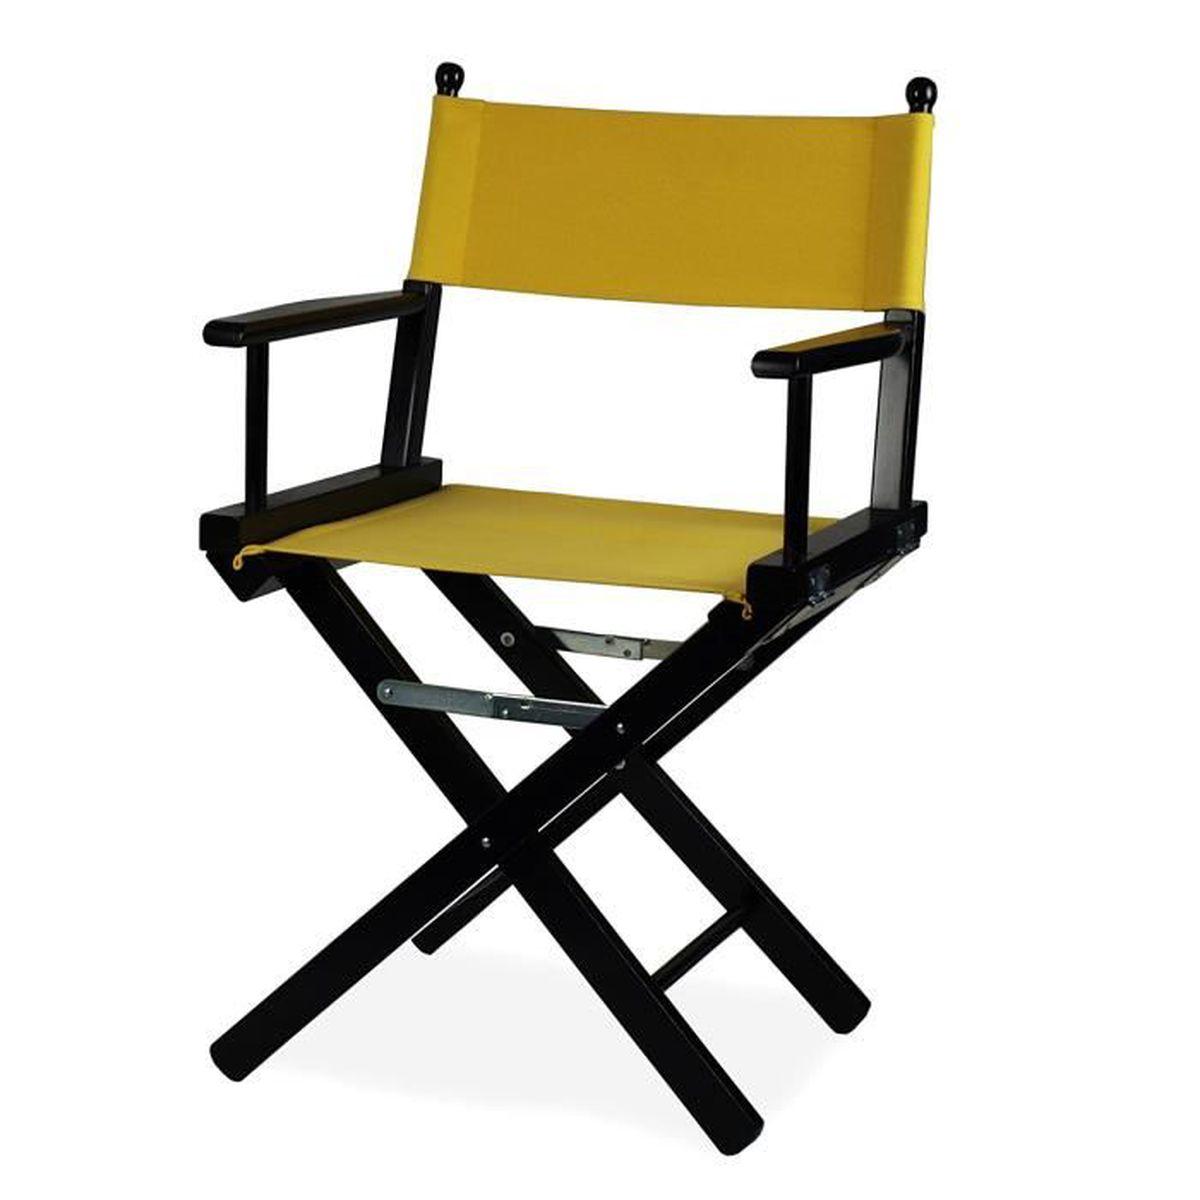 fauteuil de metteur en sc ne pliable en bois noir et tissu jaune regista p achat vente. Black Bedroom Furniture Sets. Home Design Ideas